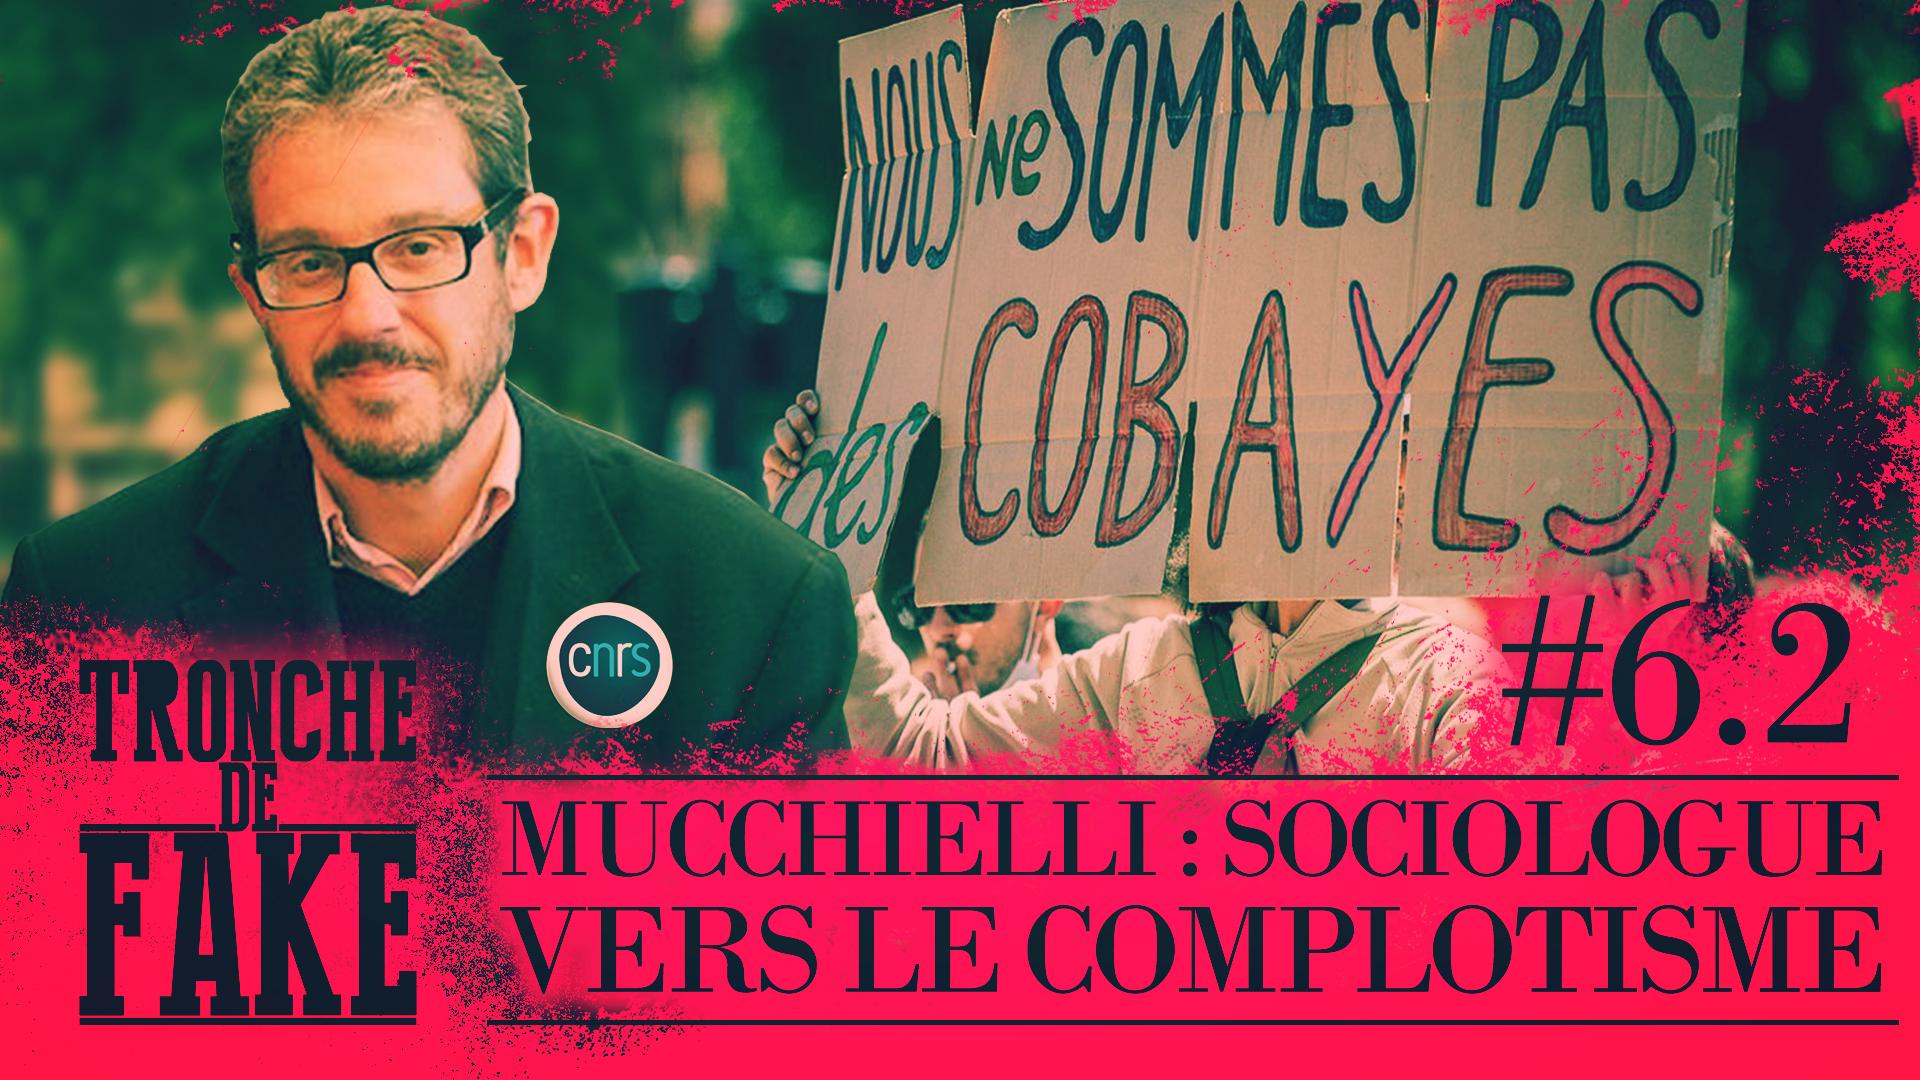 Trajectoire vers le complotisme du sociologue Laurent Mucchielli